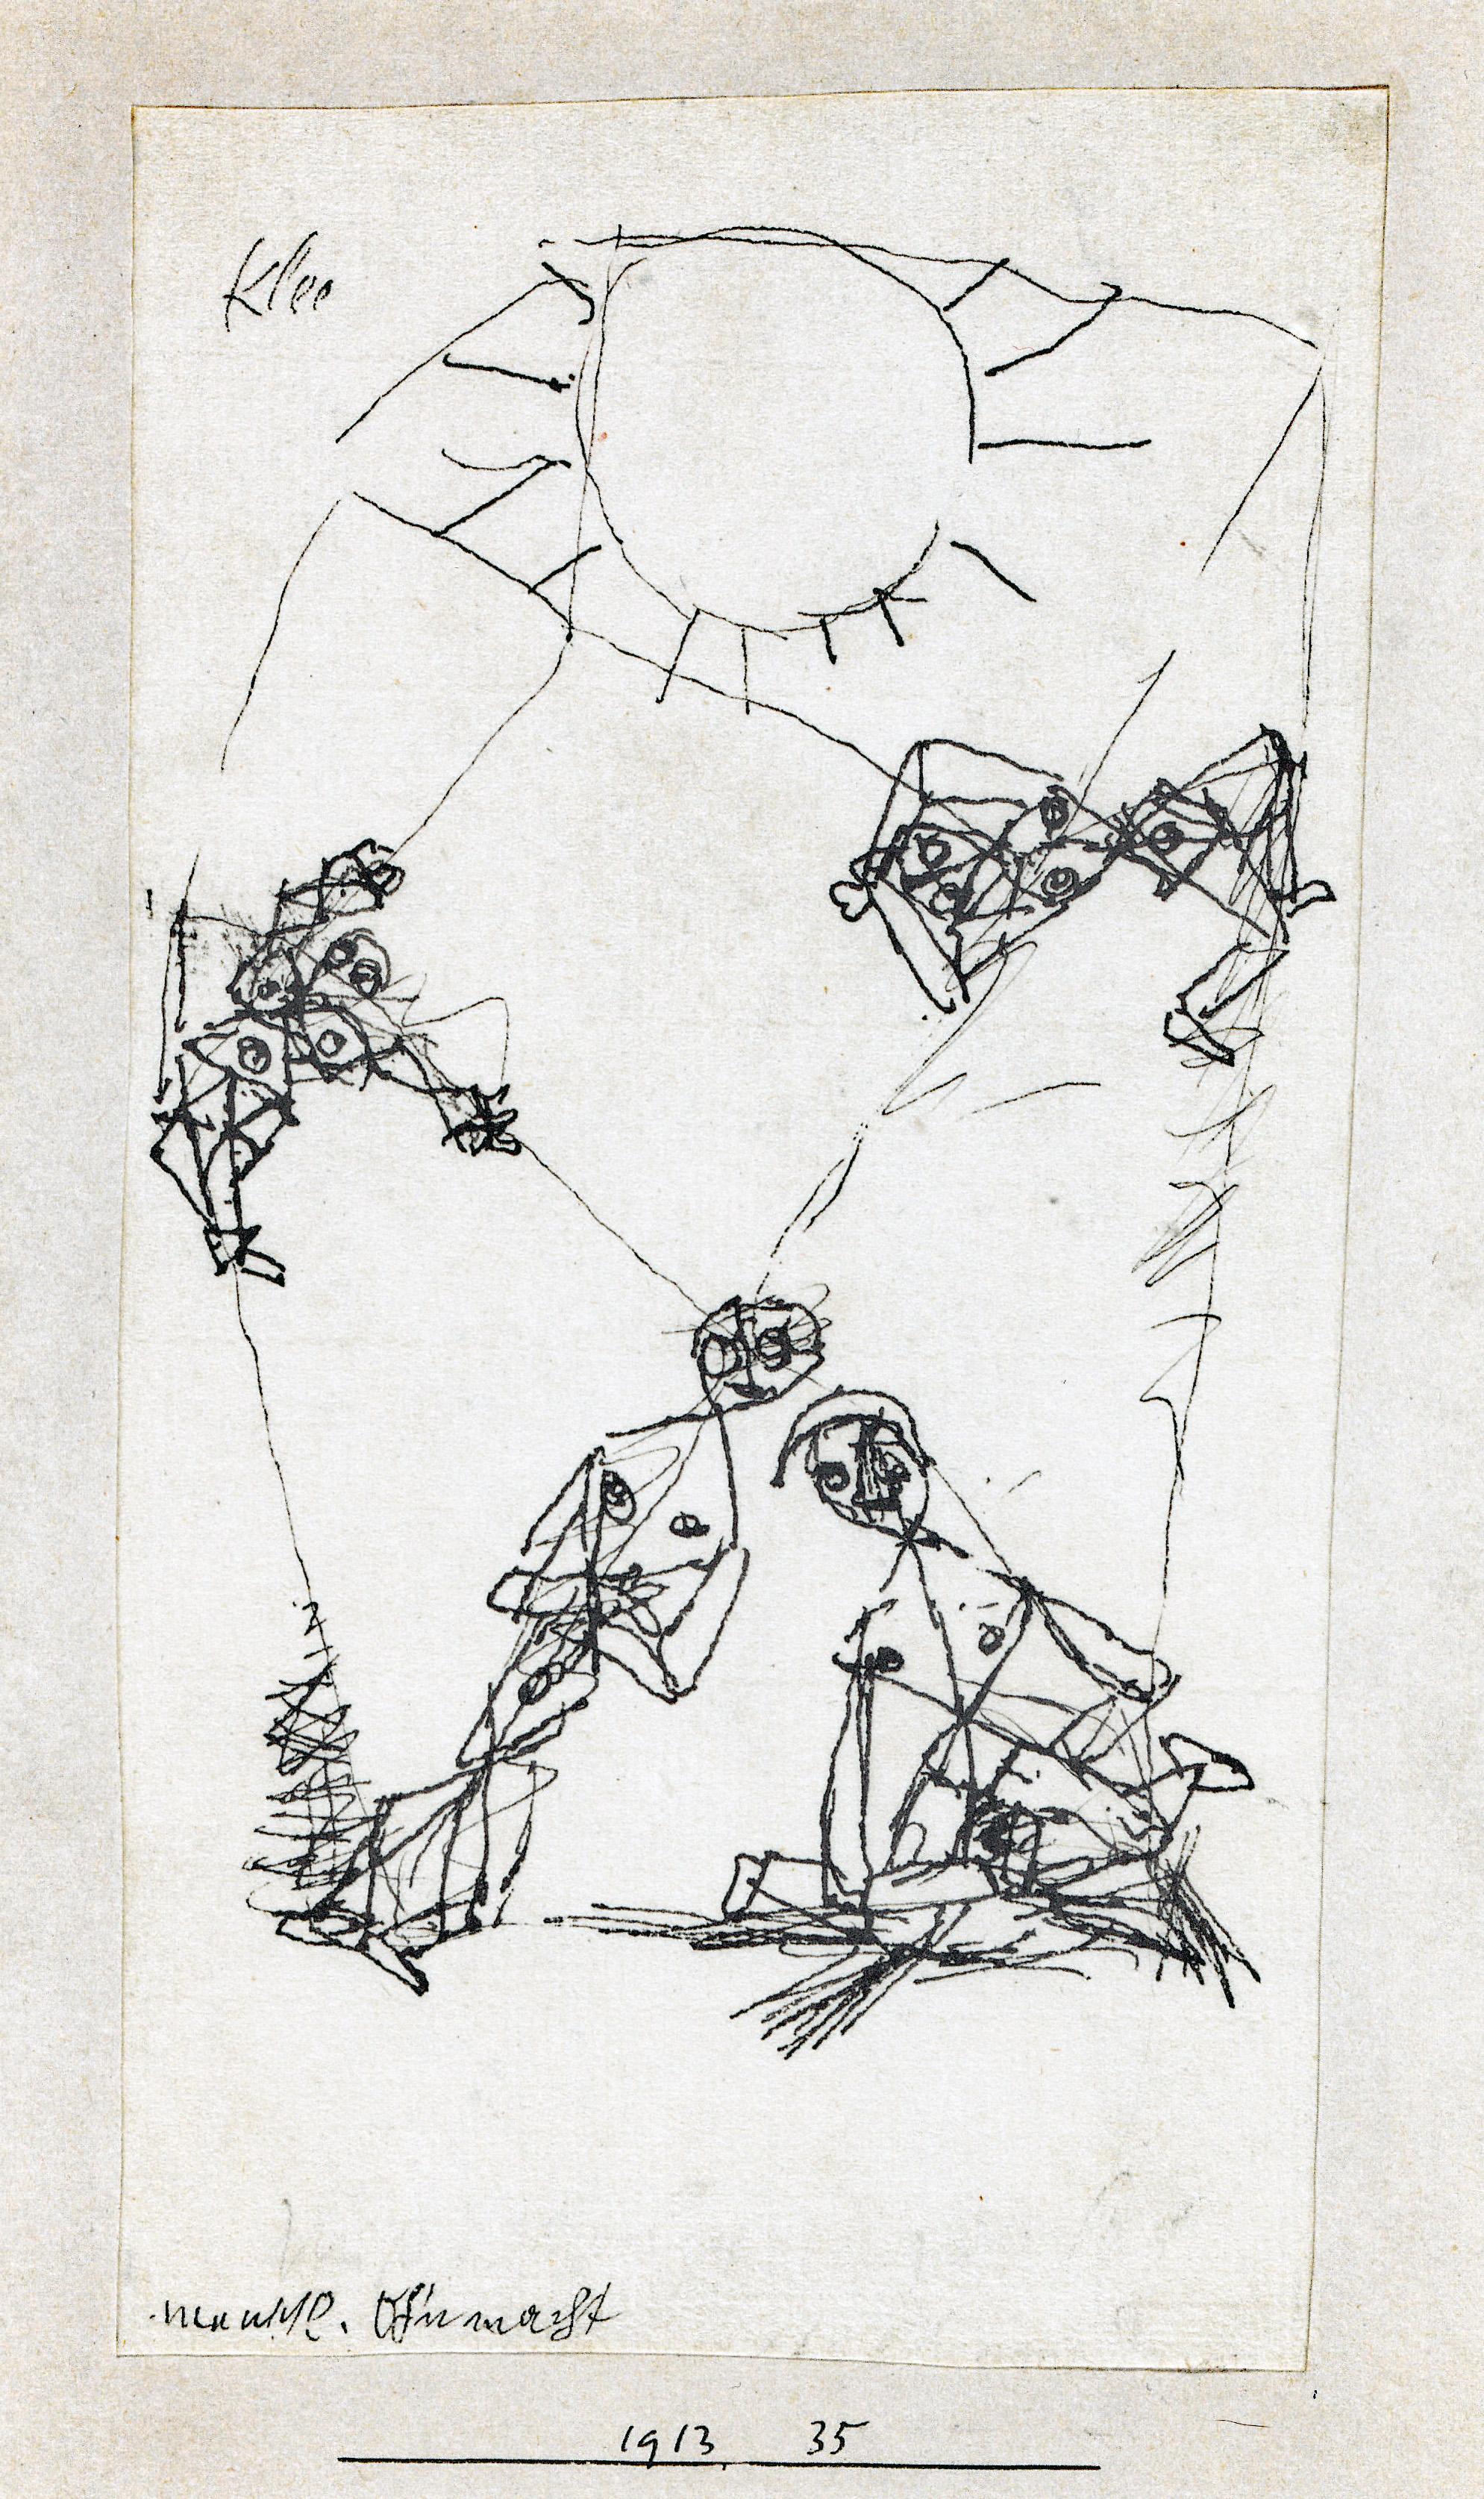 menschl. Ohnmacht, 1913,35